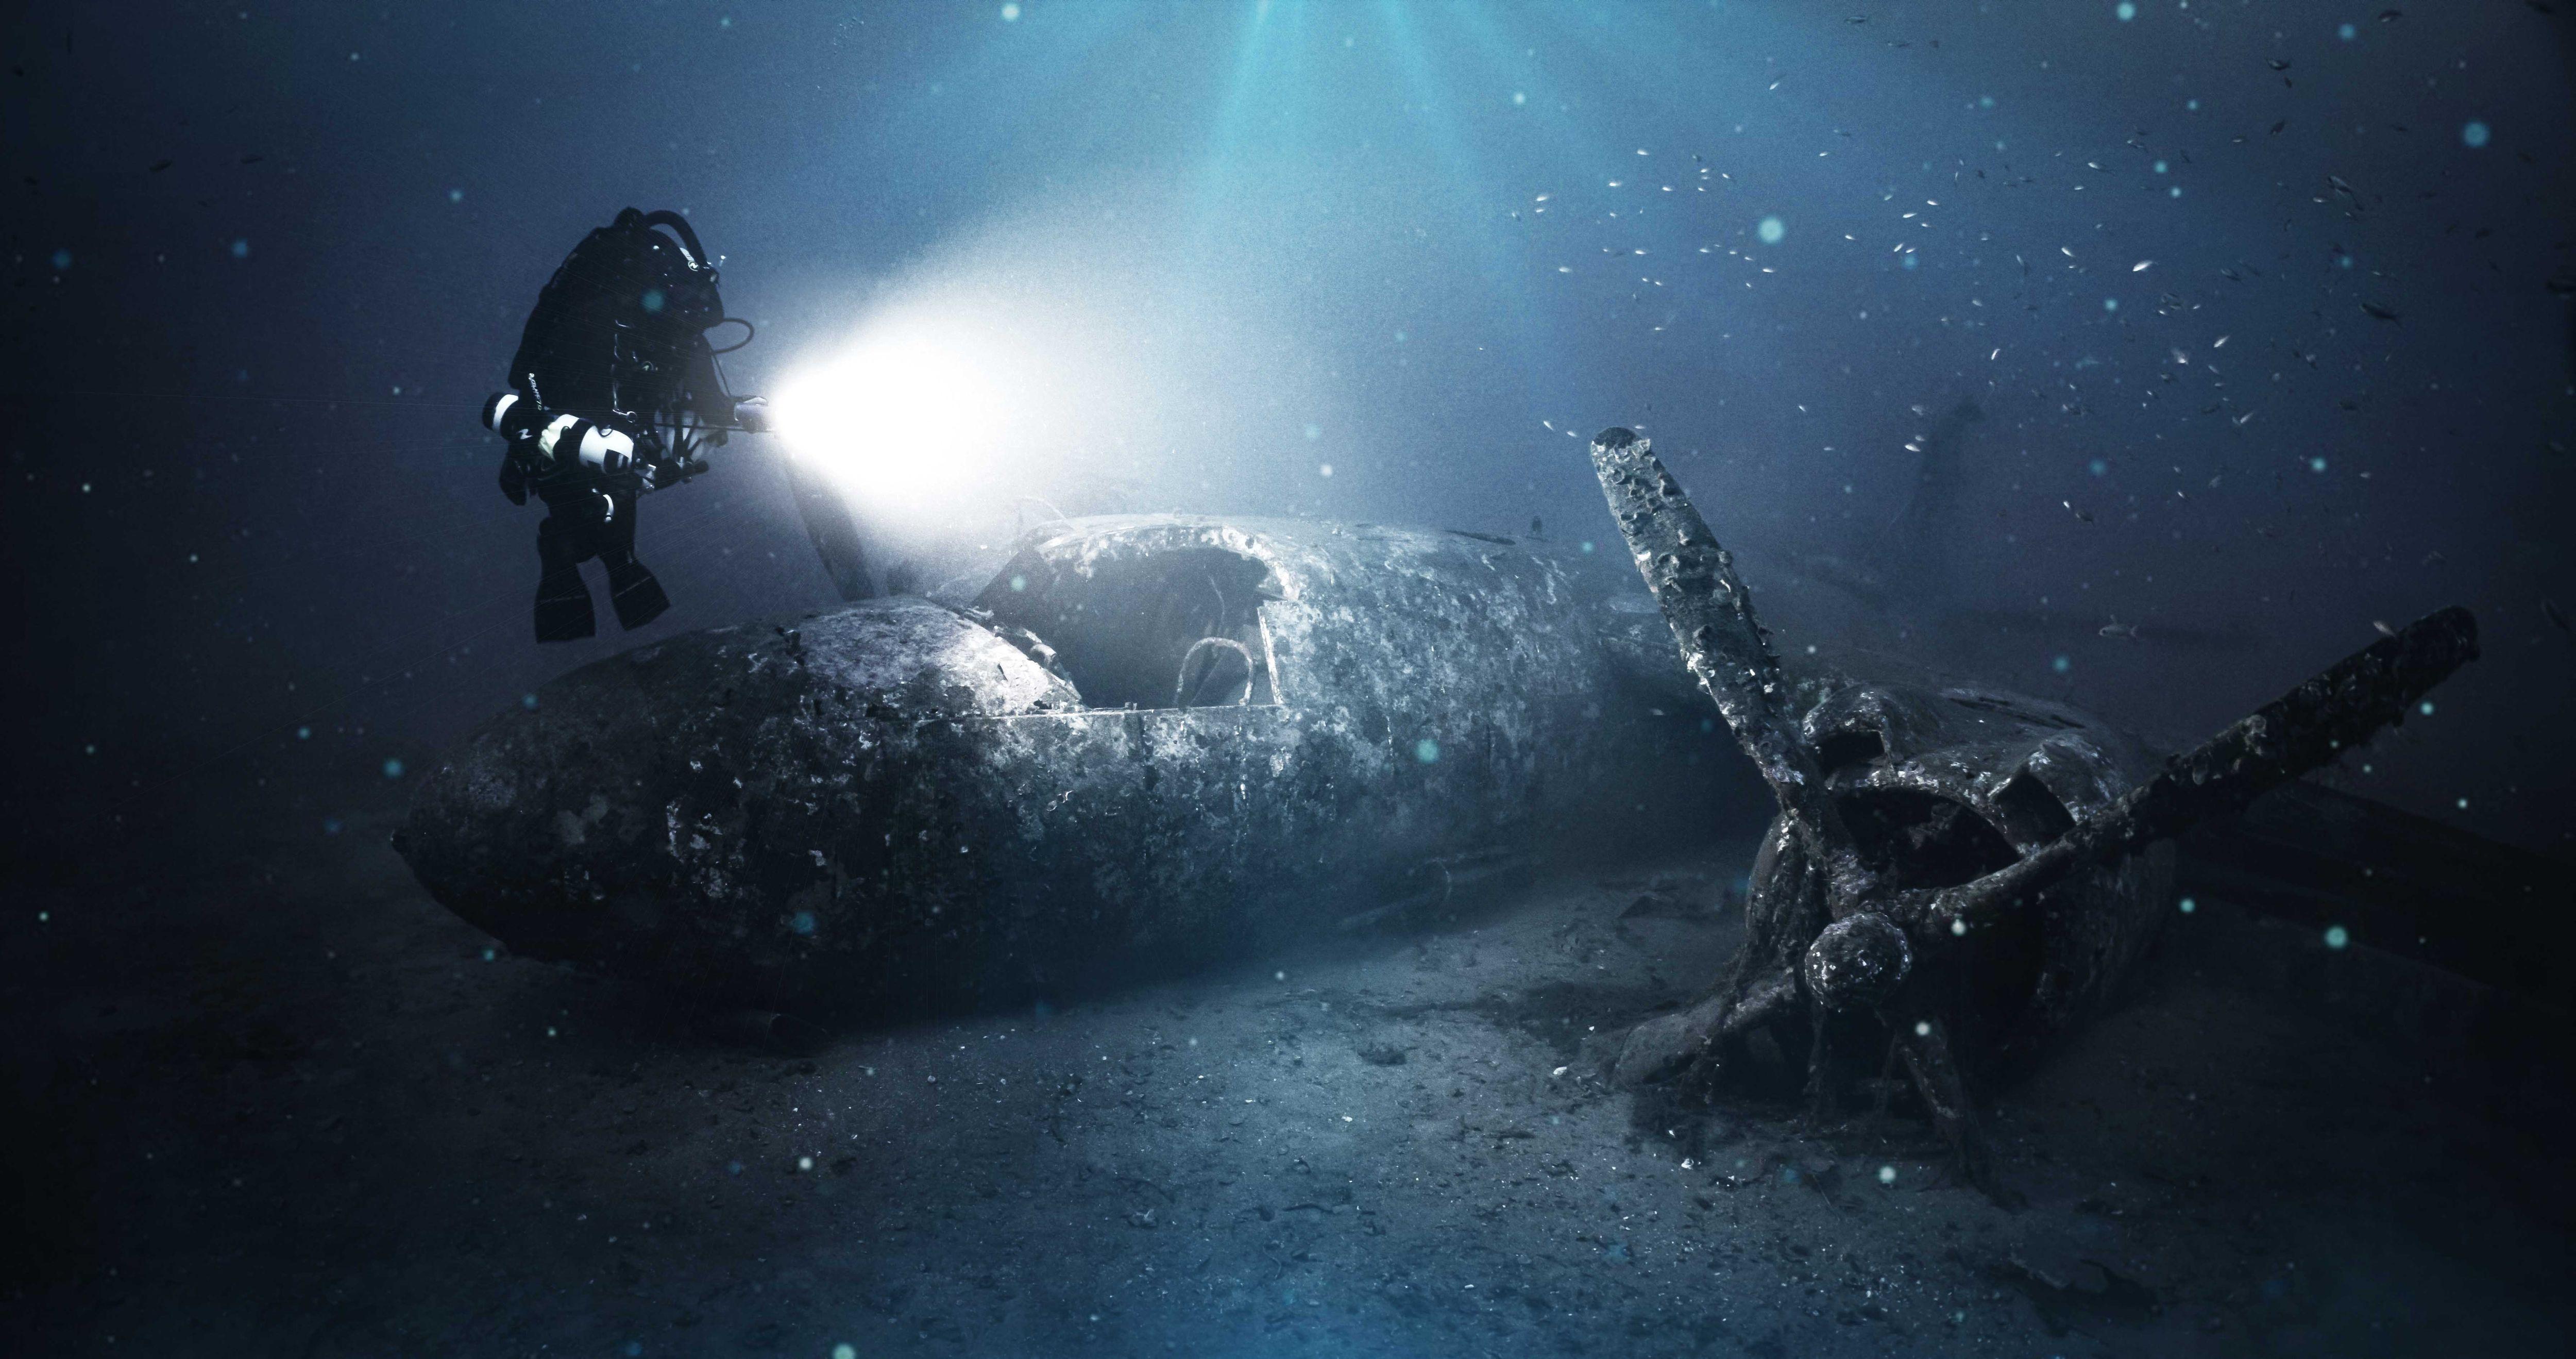 Enfilez vos palmes : Mystères d'épaves vous fait découvrir l'Histoire sous l'eau